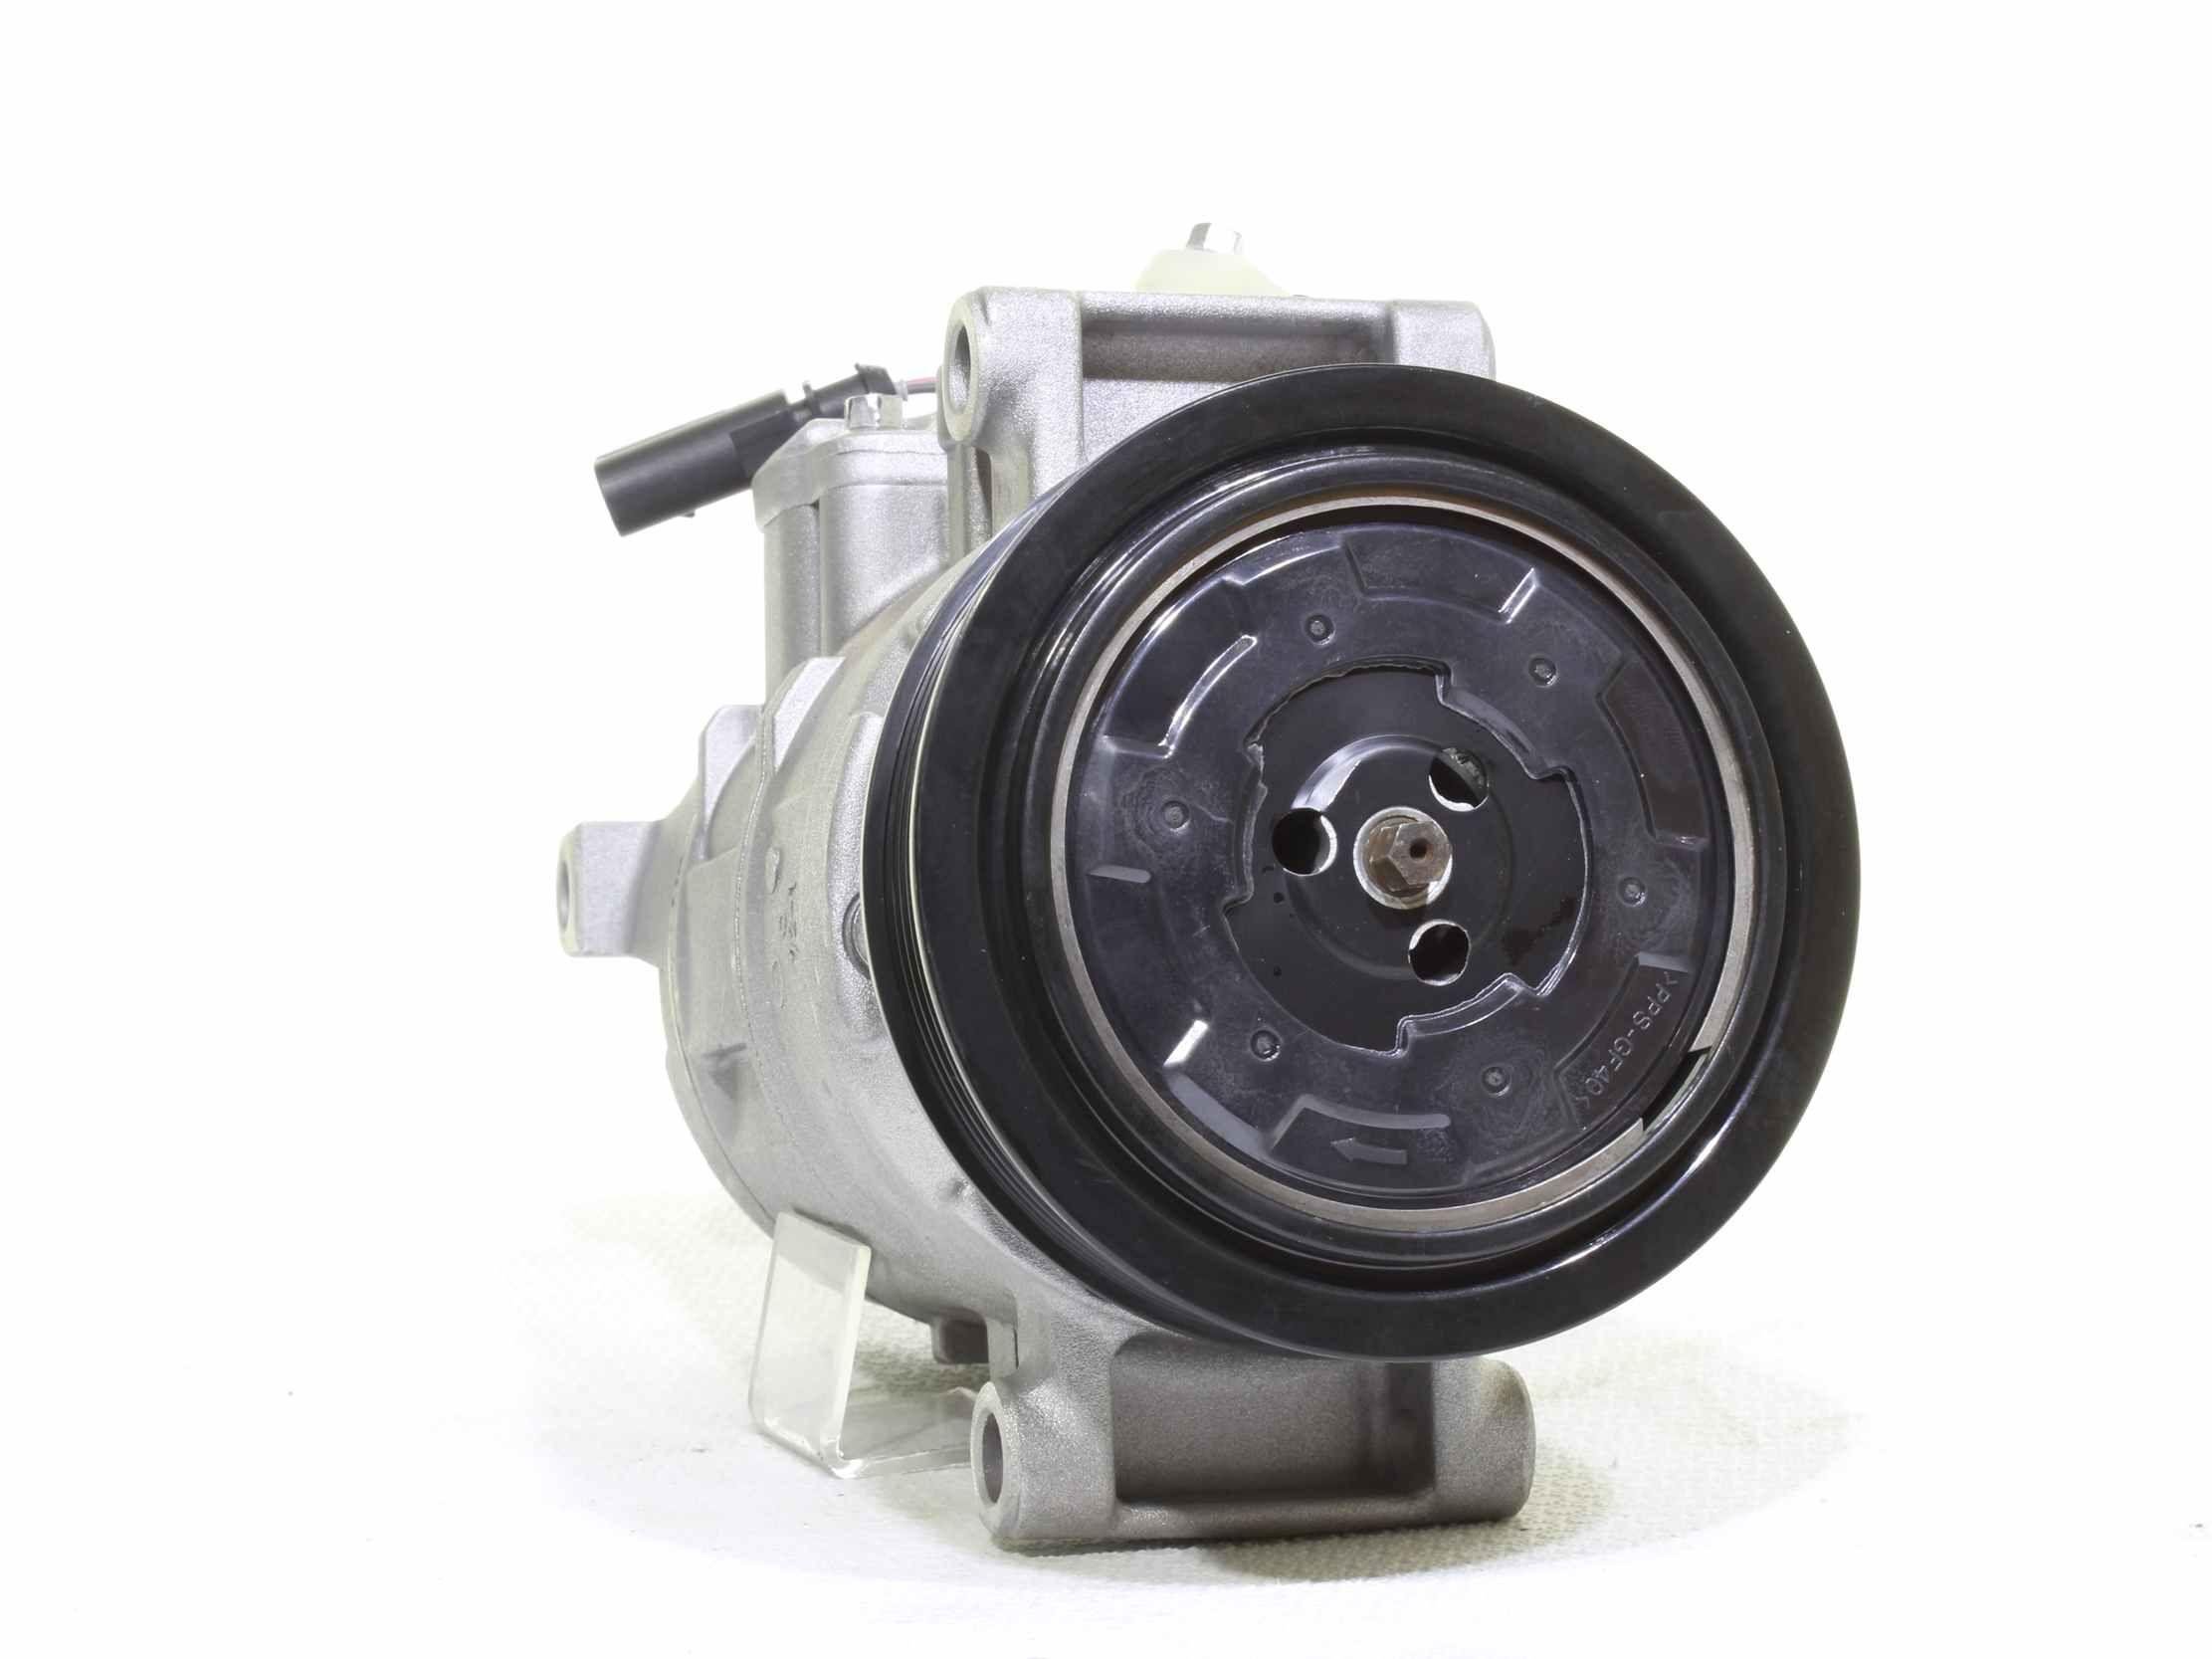 10550777 Kältemittelkompressor ALANKO Erfahrung